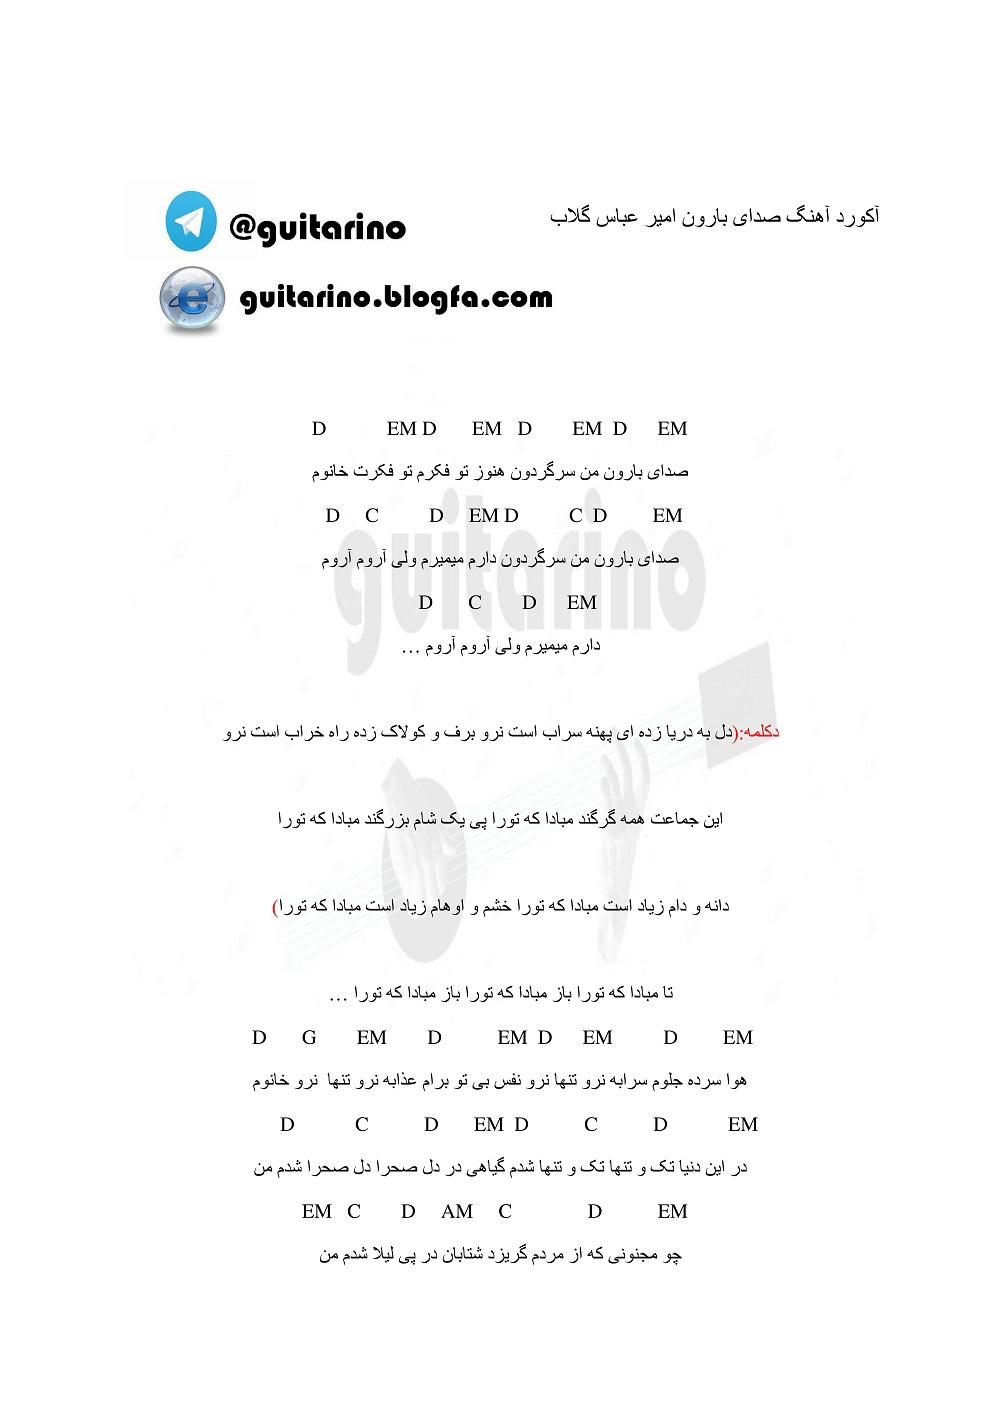 دانلود آکورد آهنگ صدای بارون امیر عباس گلاب